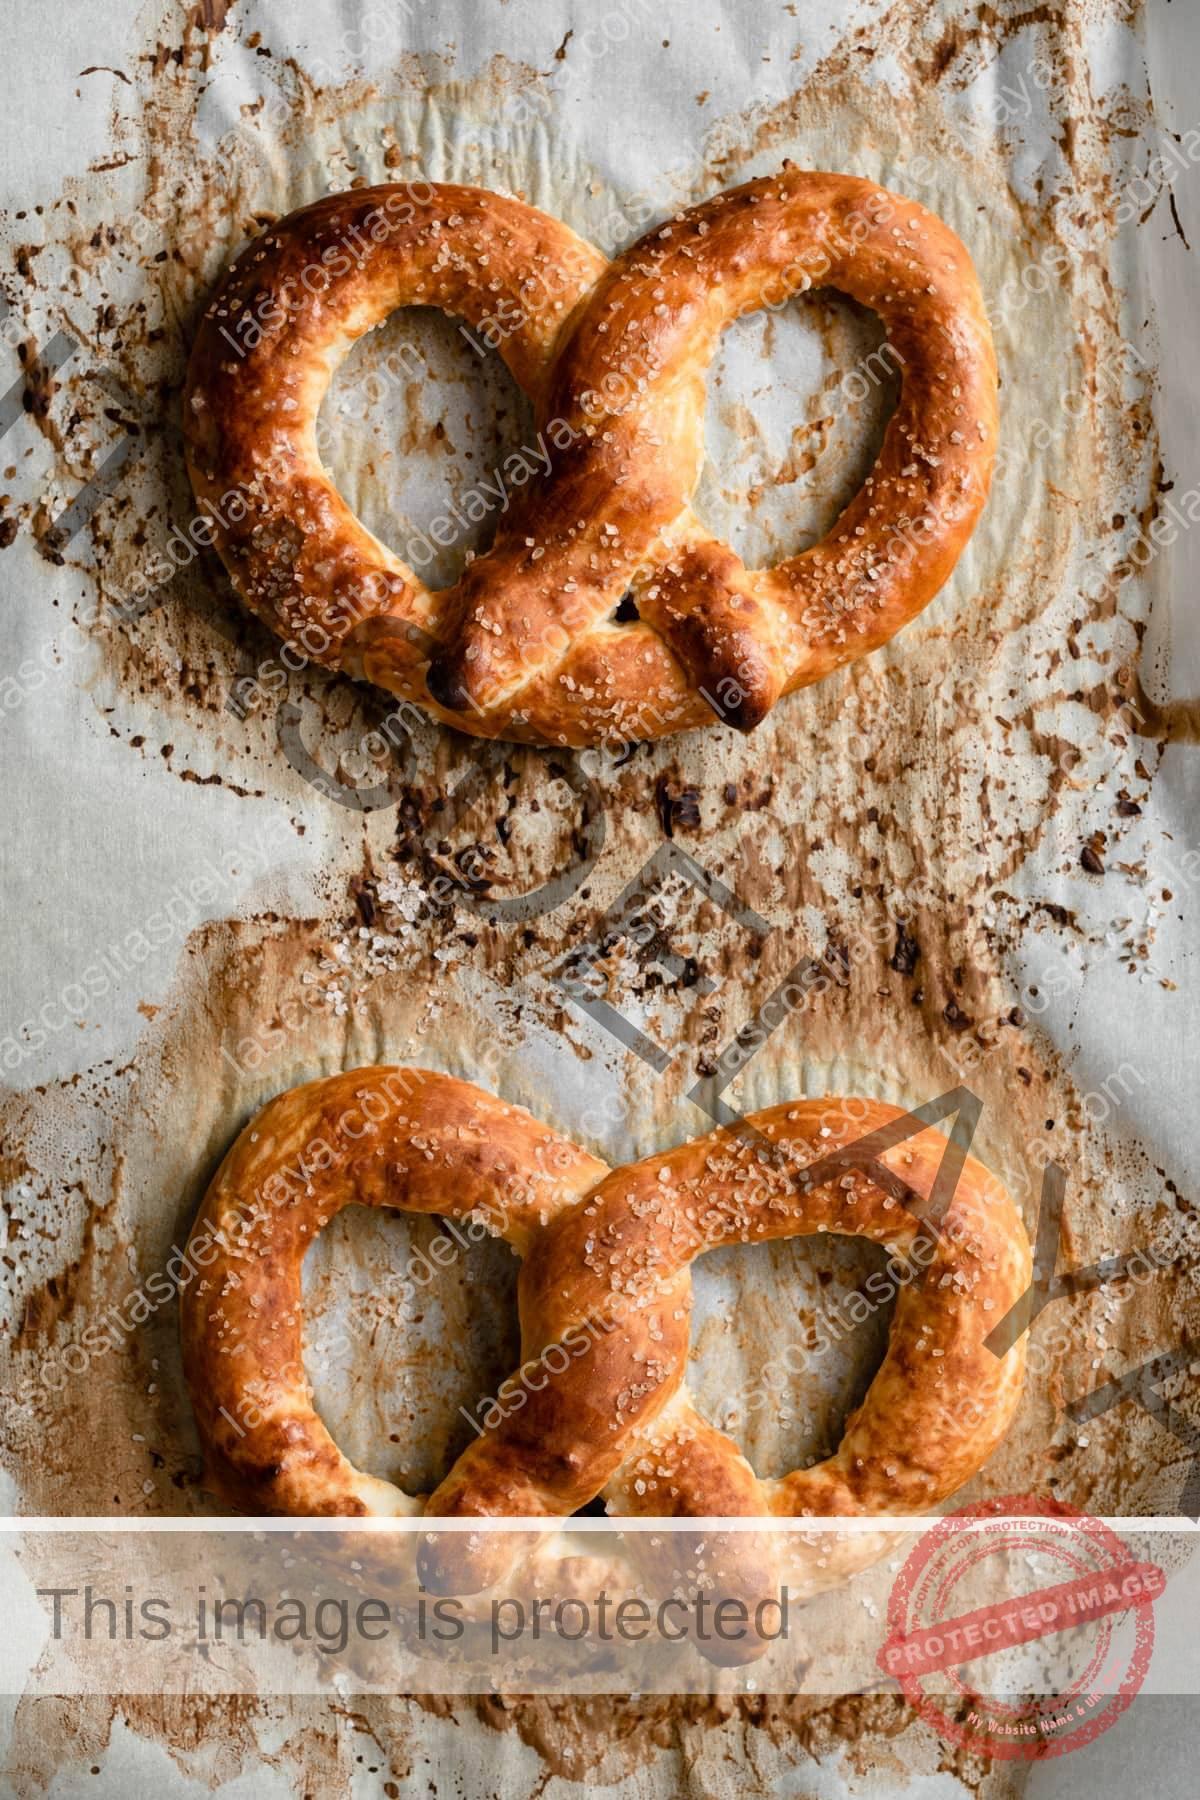 Dos pretzels en una bandeja para hornear forrada con papel pergamino que muestra cómo deben verse después de horneados en un color marrón dorado.